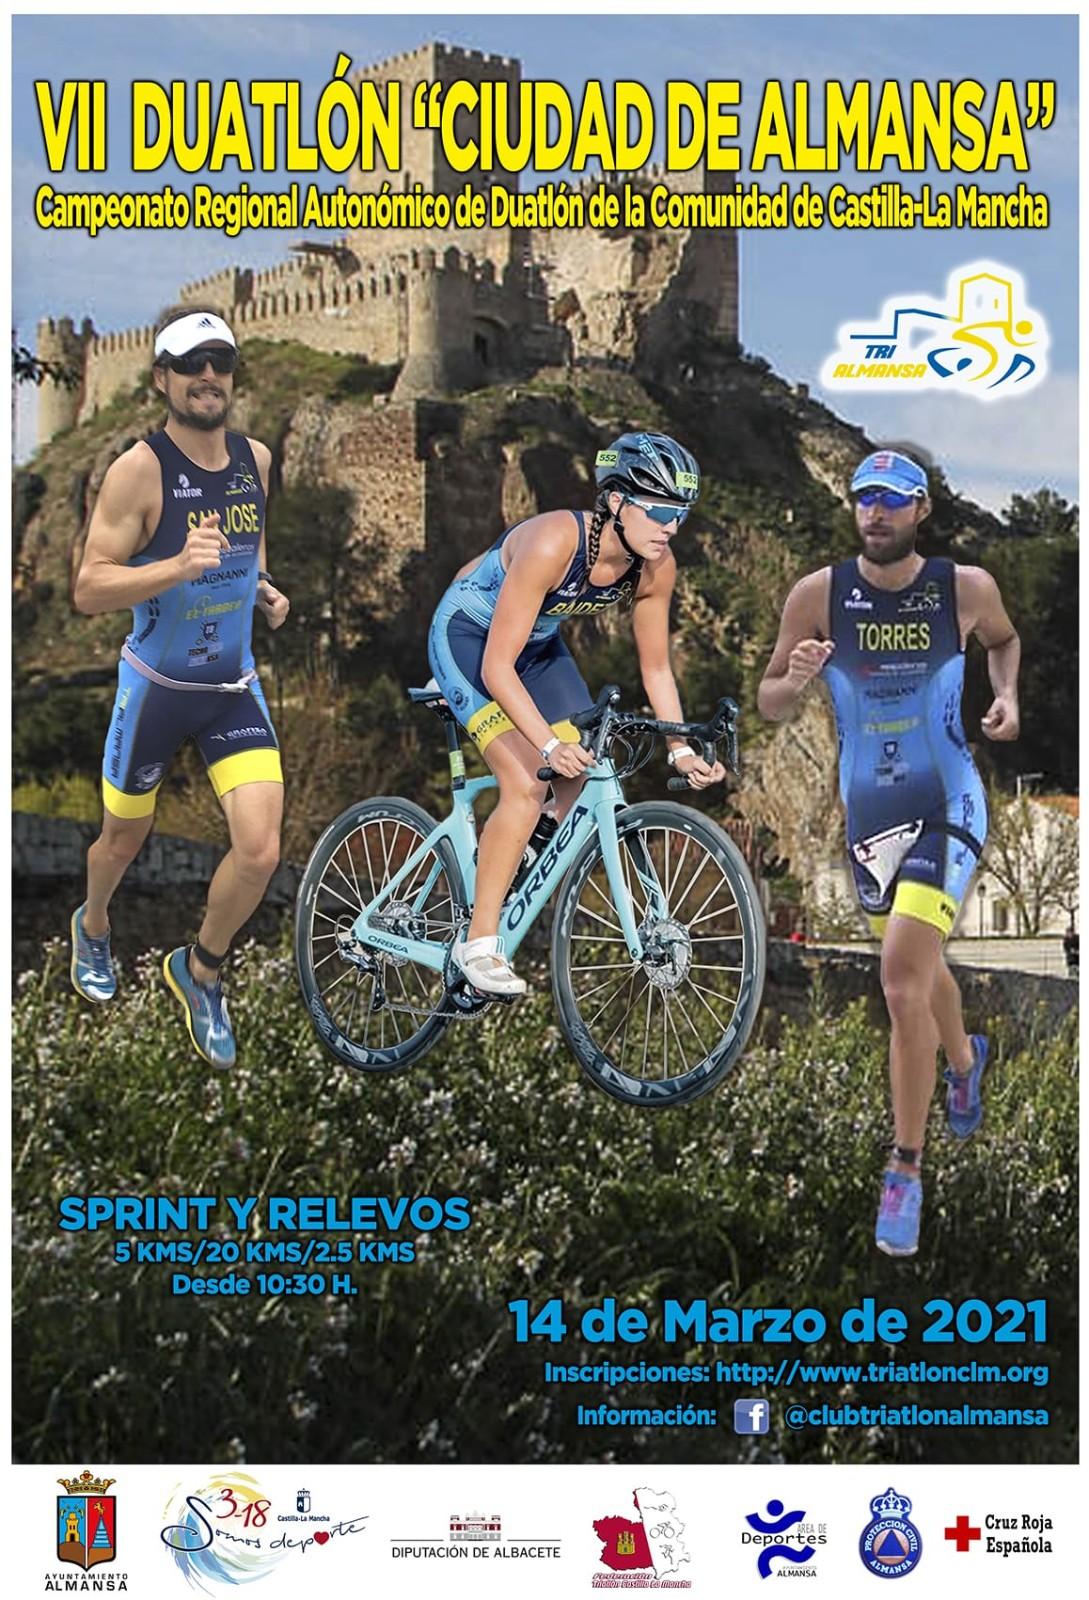 Publicada la lista de salidas del VII Duatlón de Almansa- Campeonato Regional